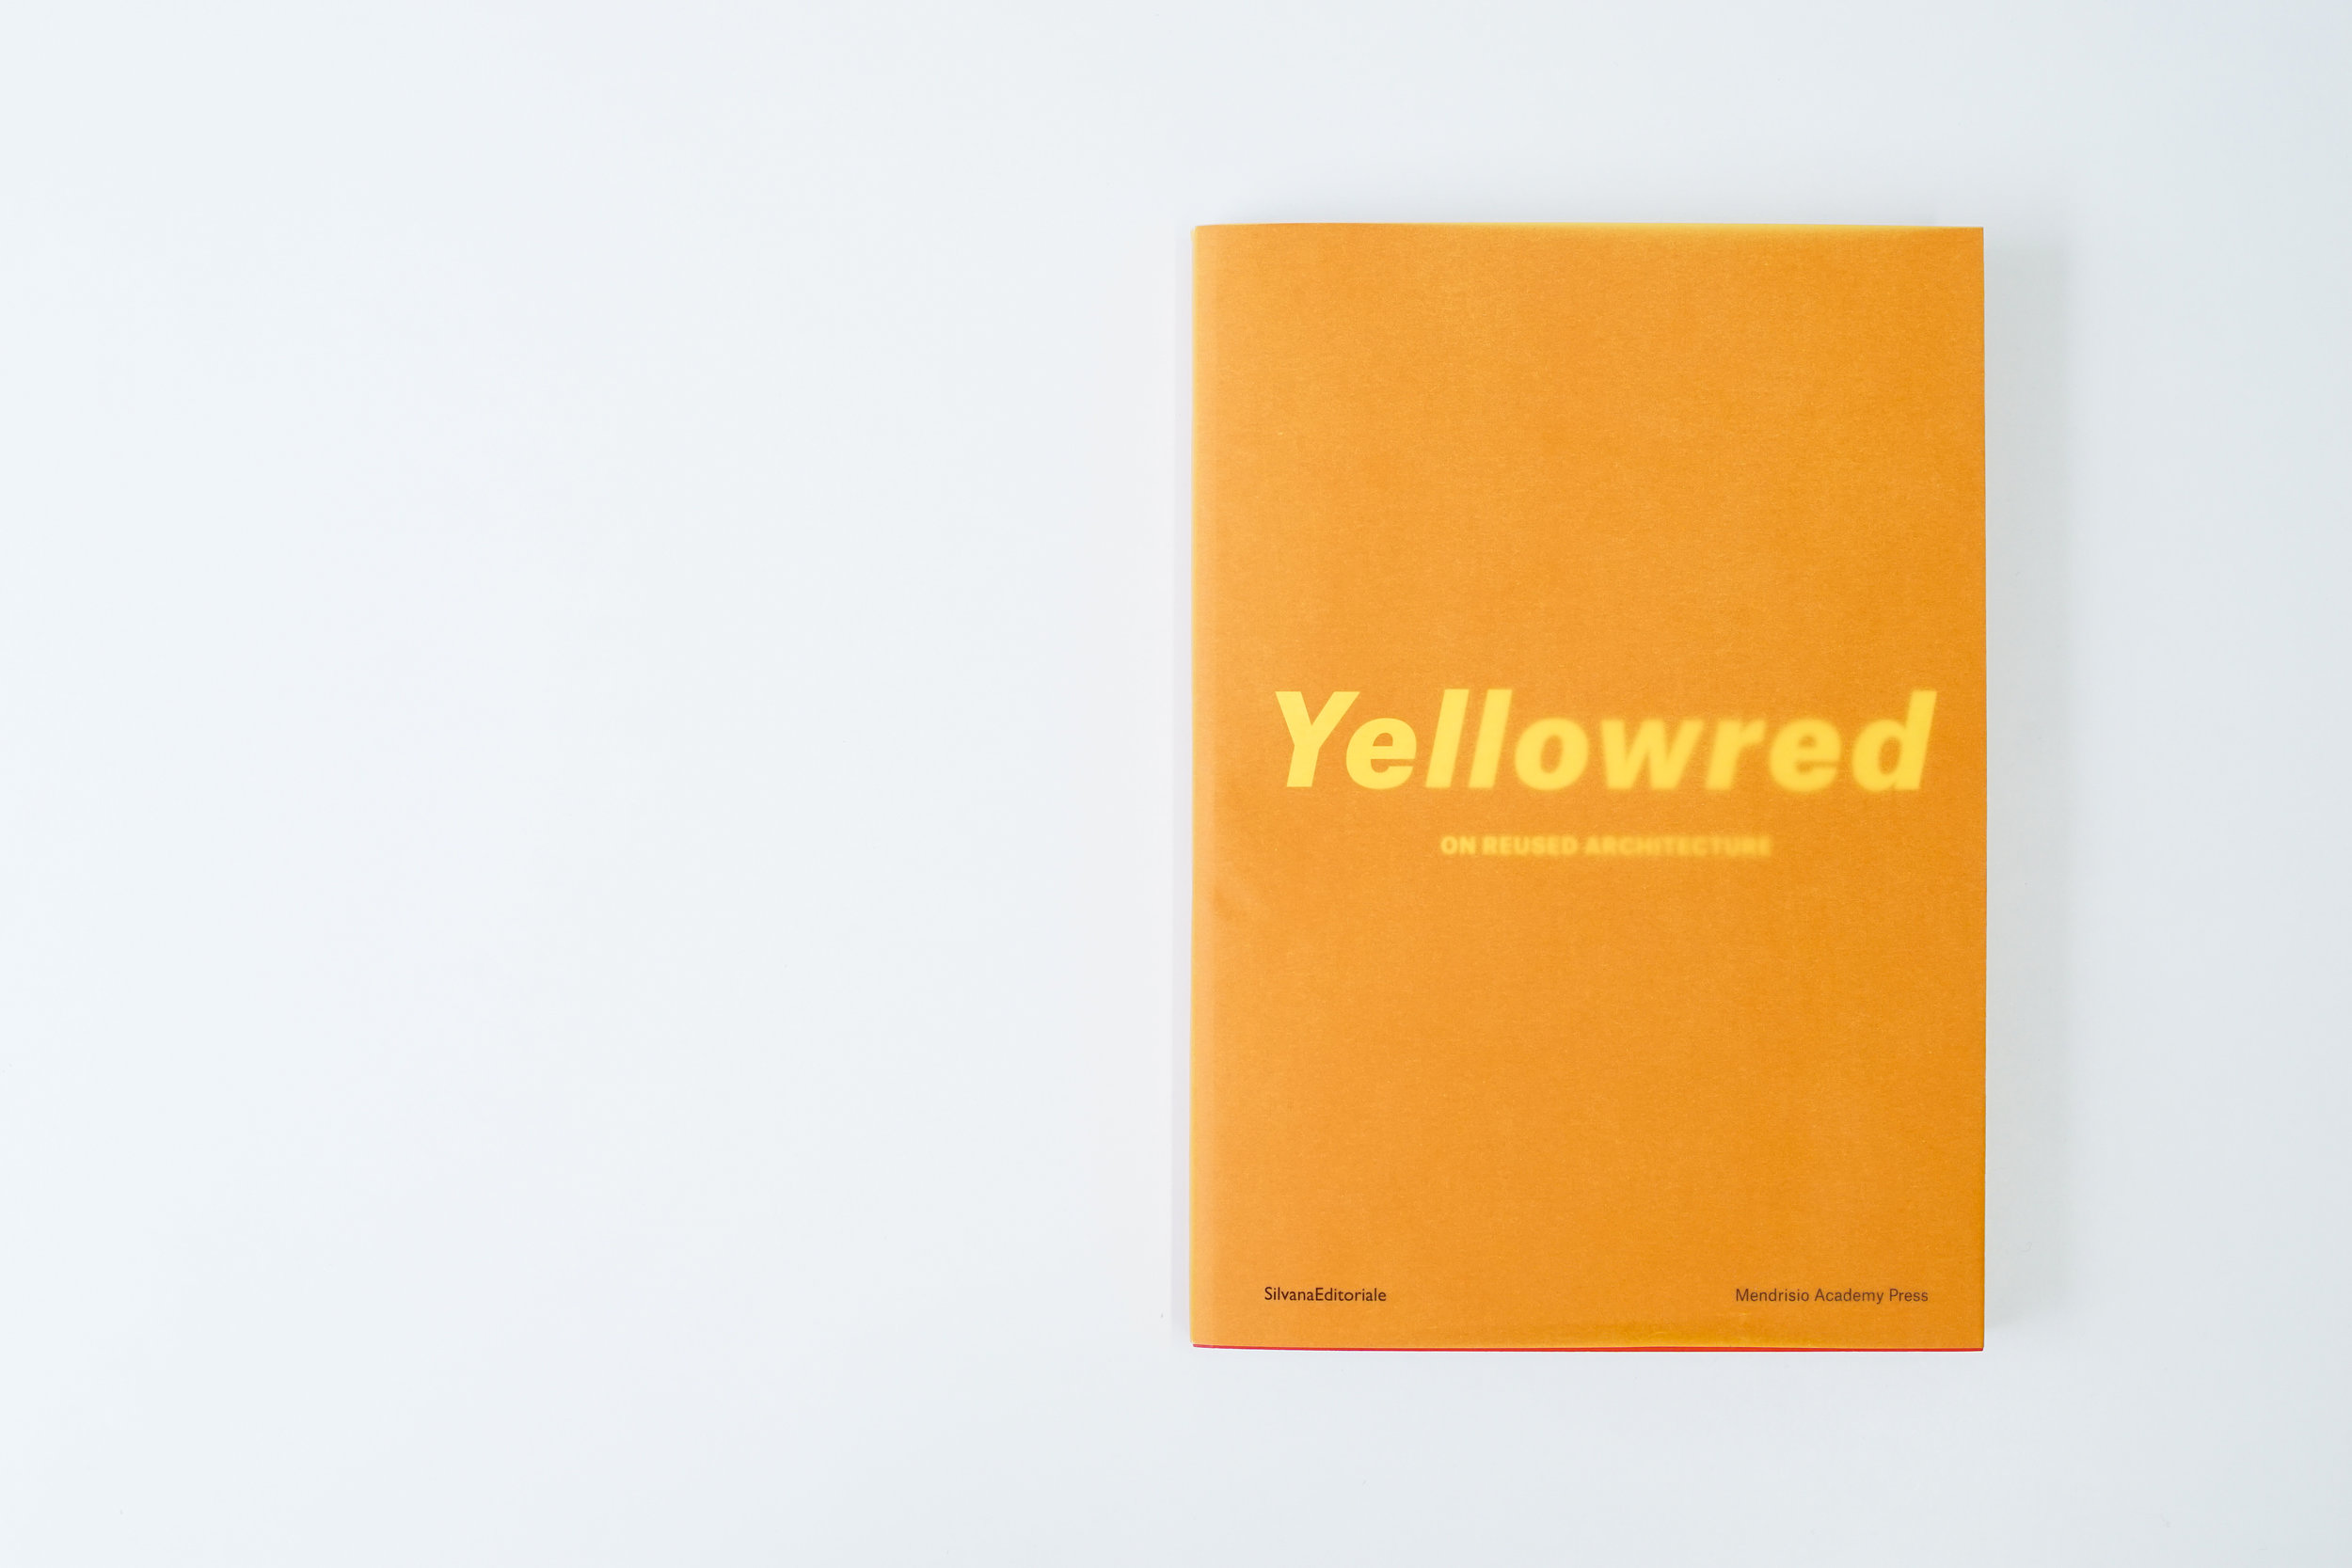 YELLOWRED-09130.jpg